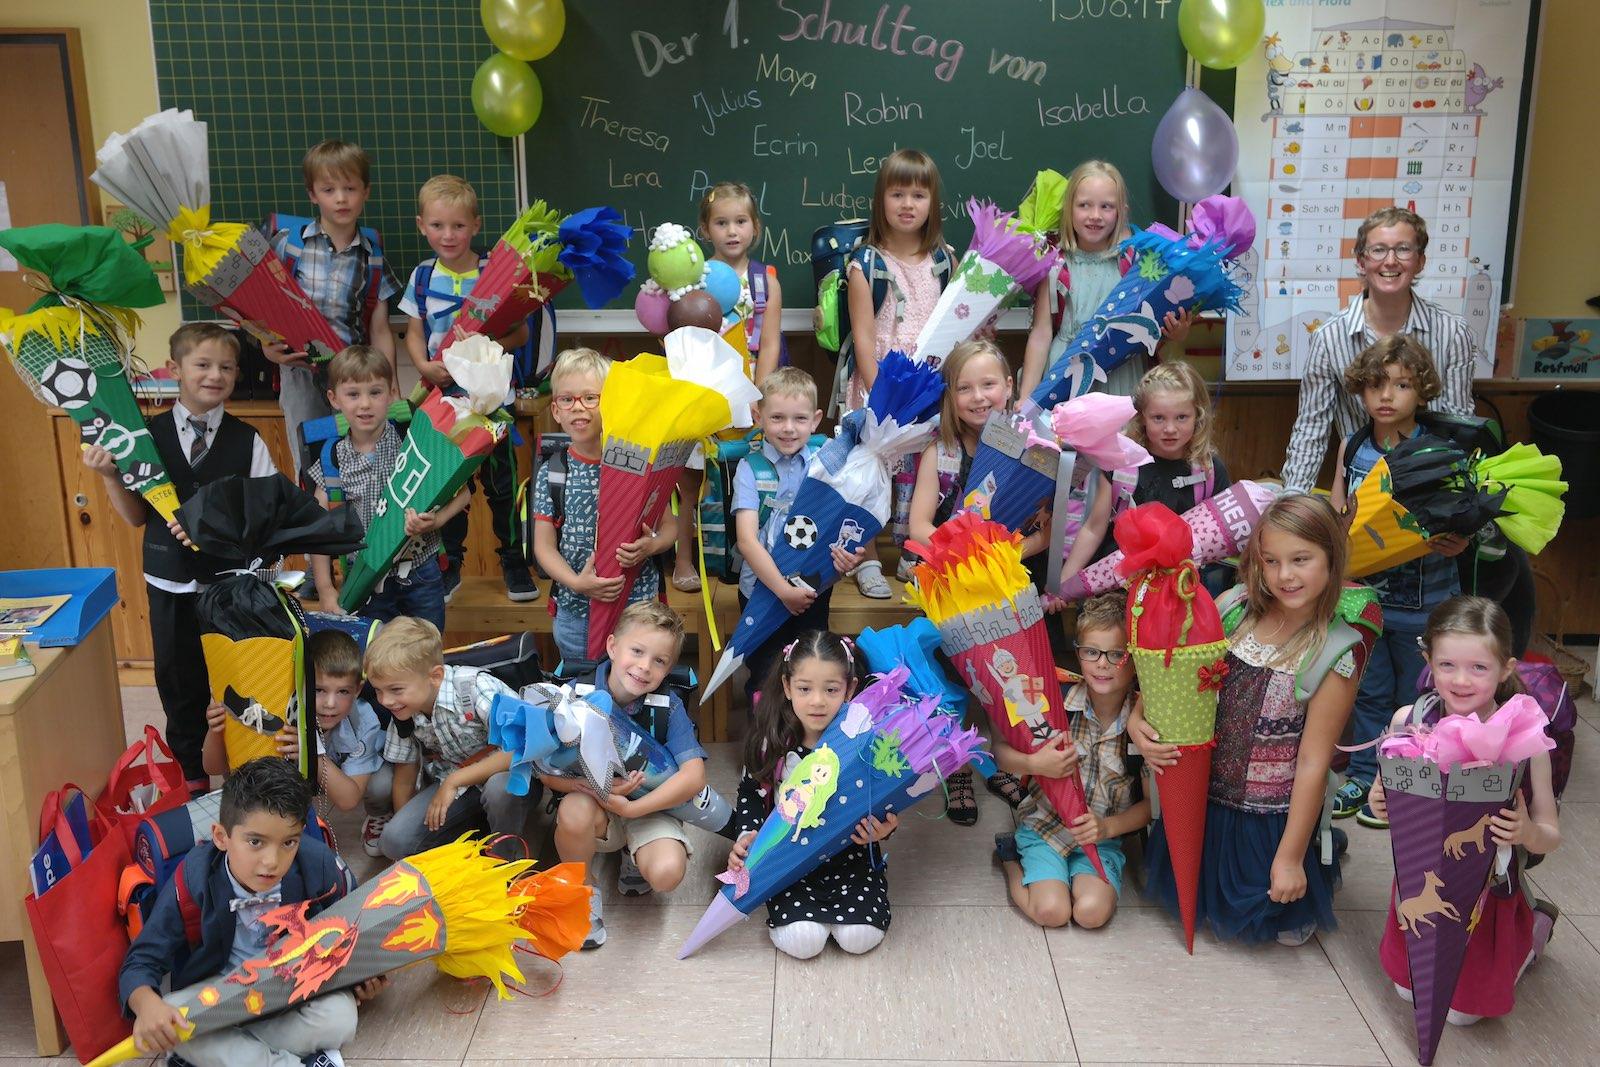 partizipation im kindergarten elternbrief